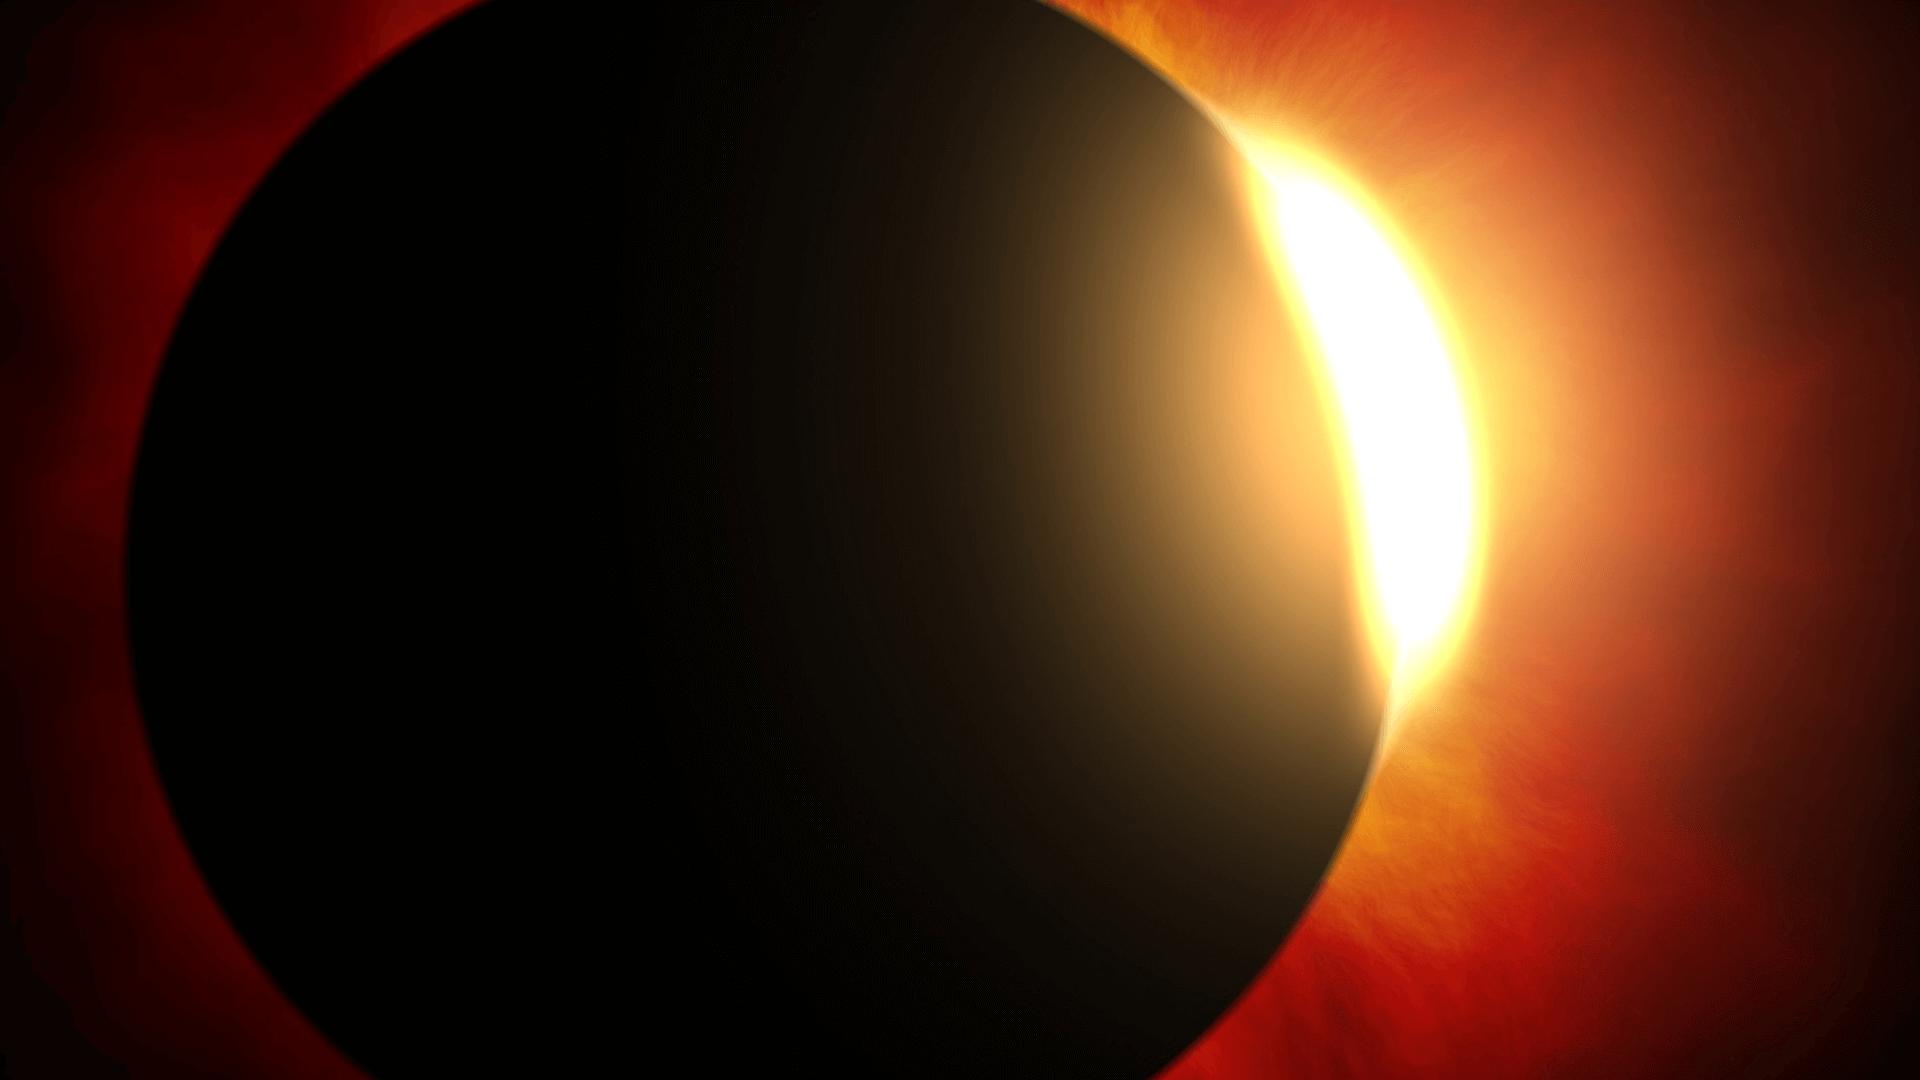 Sonnenfinsternis: Wie kann Ich meine Augen schützen?